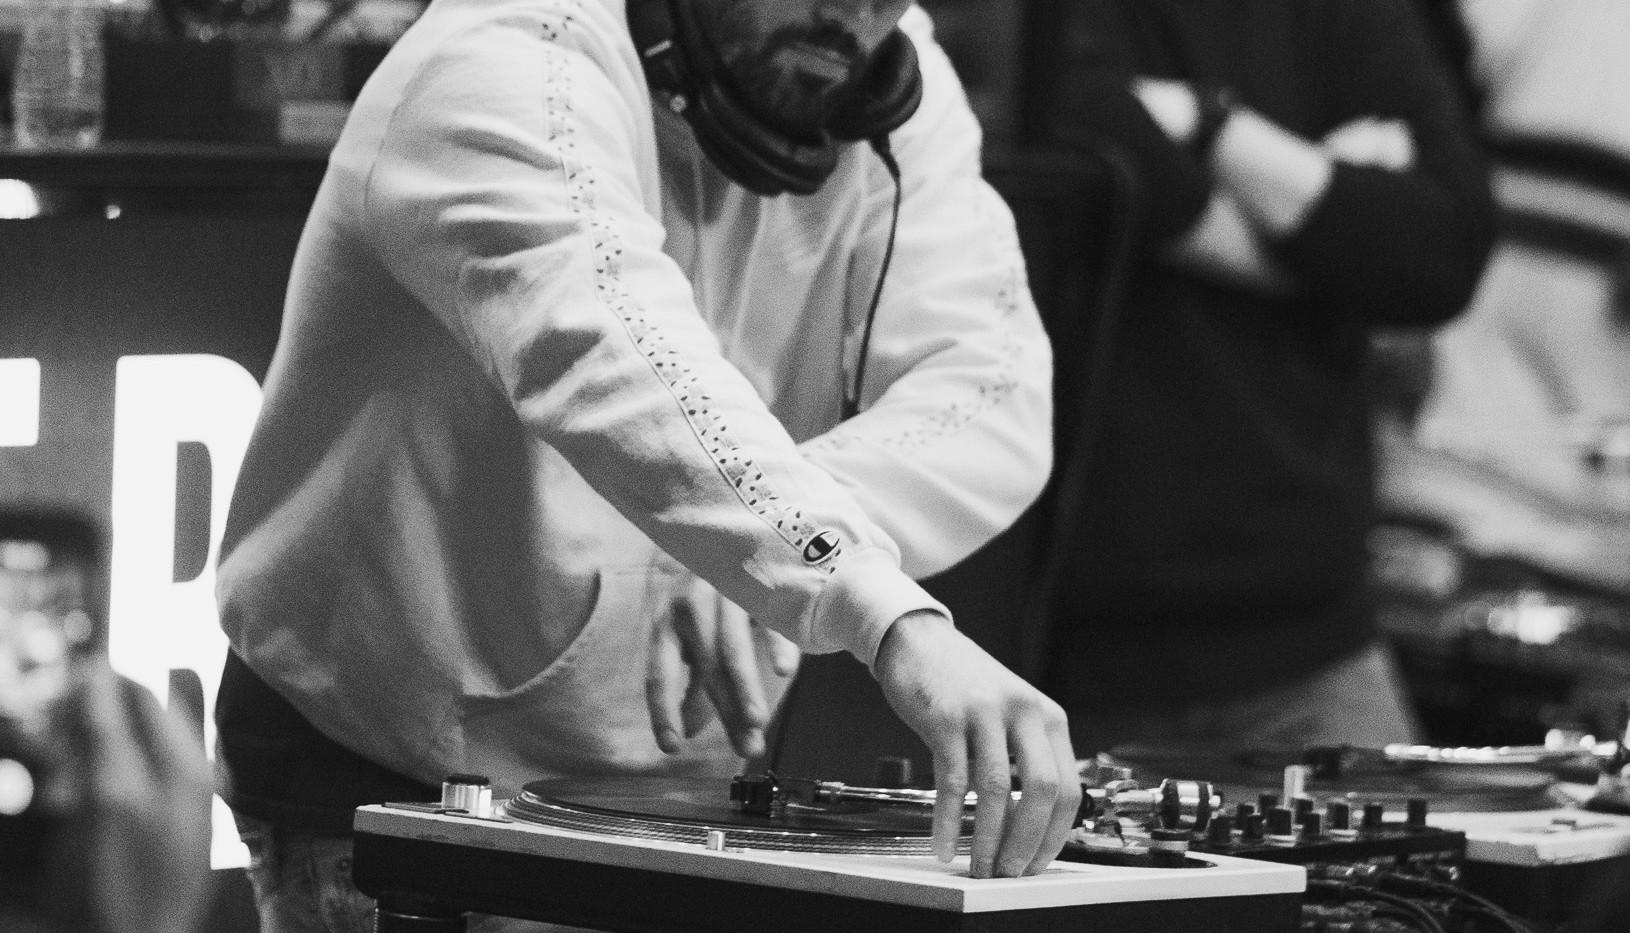 DJ+Blend+Battle+%40++True+%2812+of+247%2